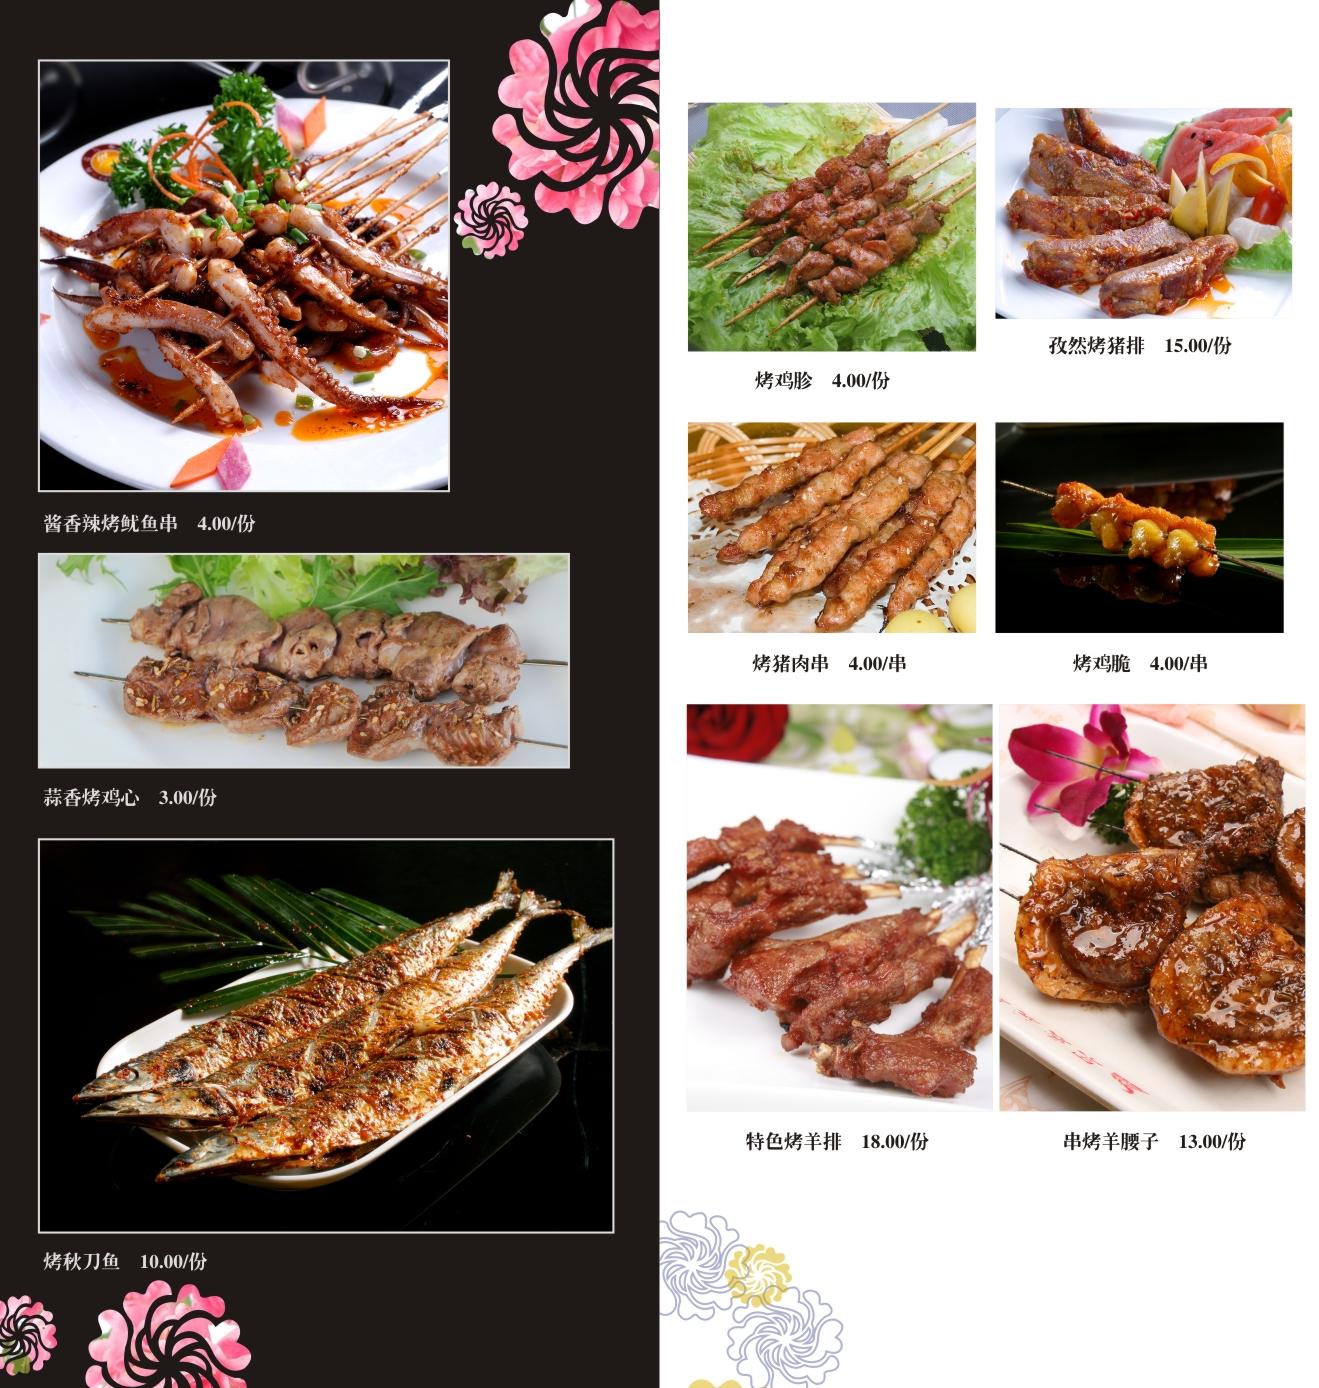 13菜谱册水晶锅涮烤小木屋 烧烤店菜单 火锅店菜单